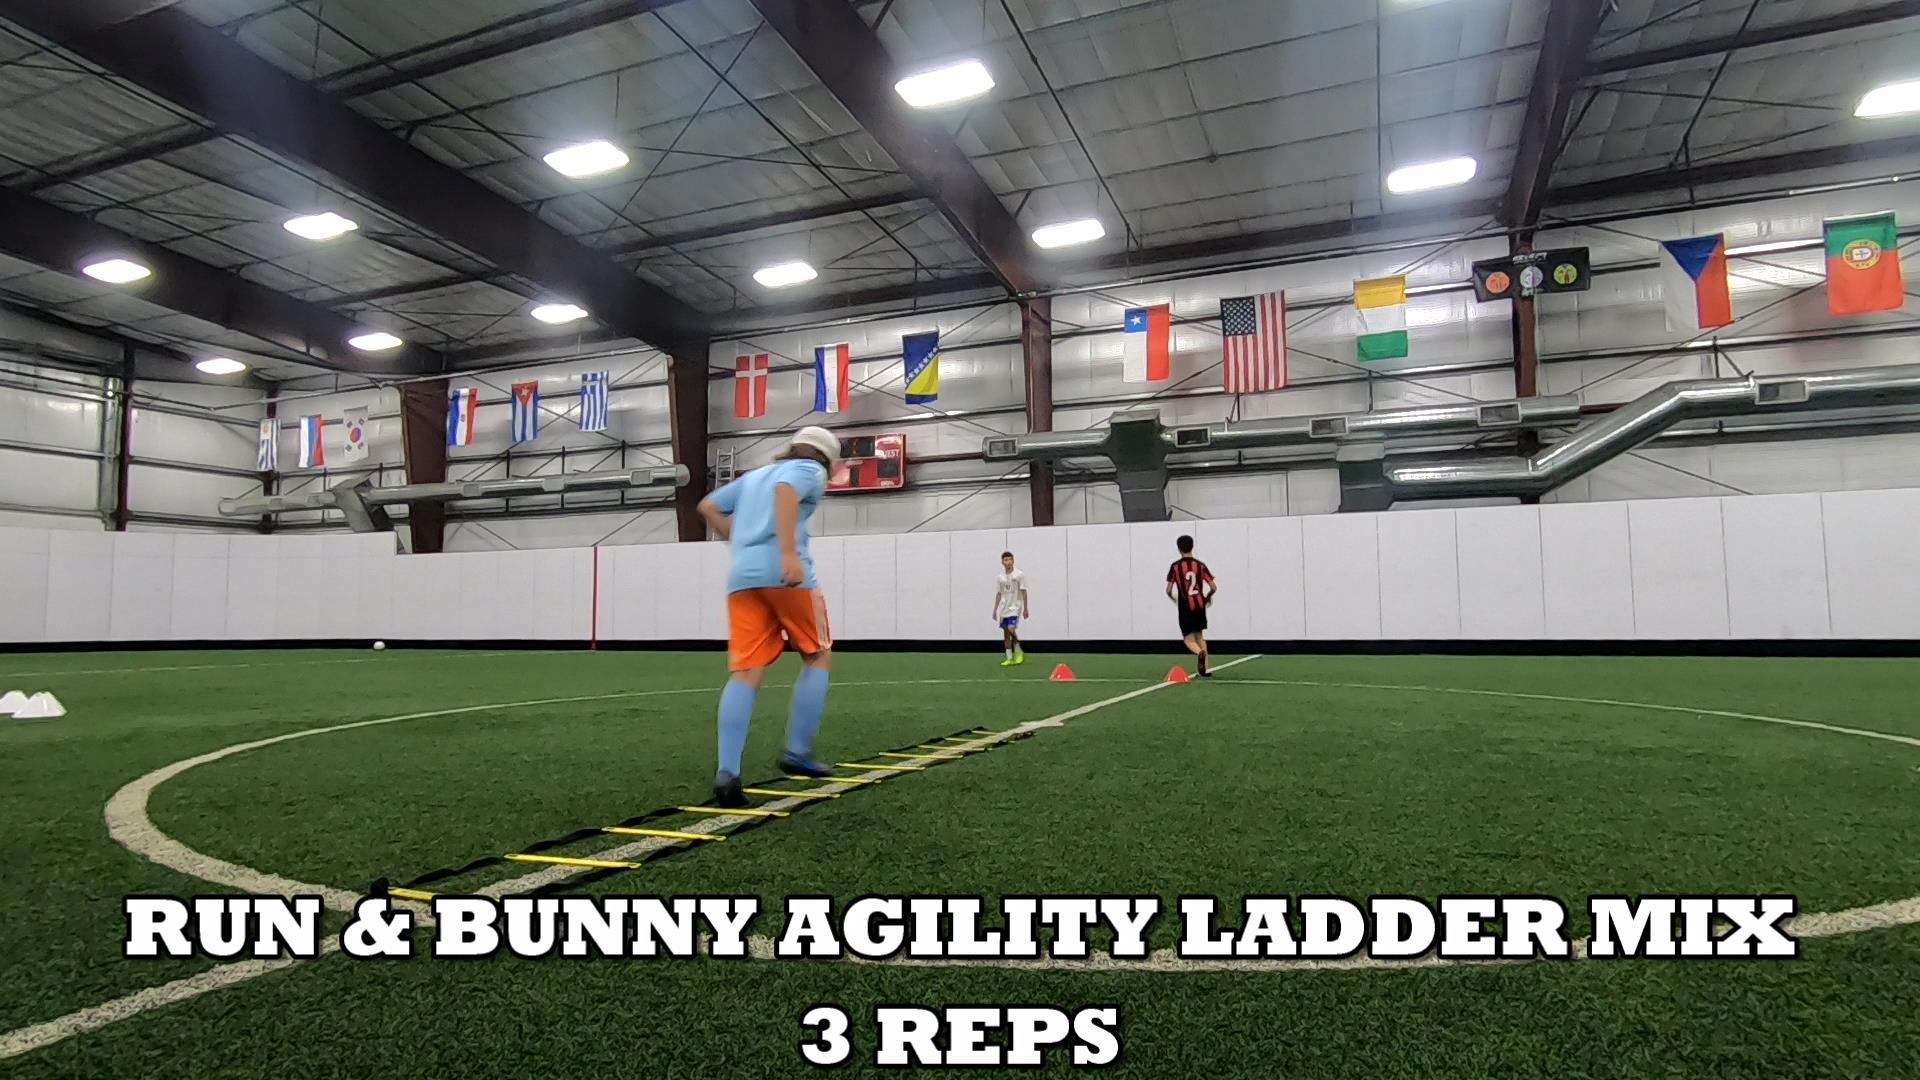 Agility Ladder Drills 2